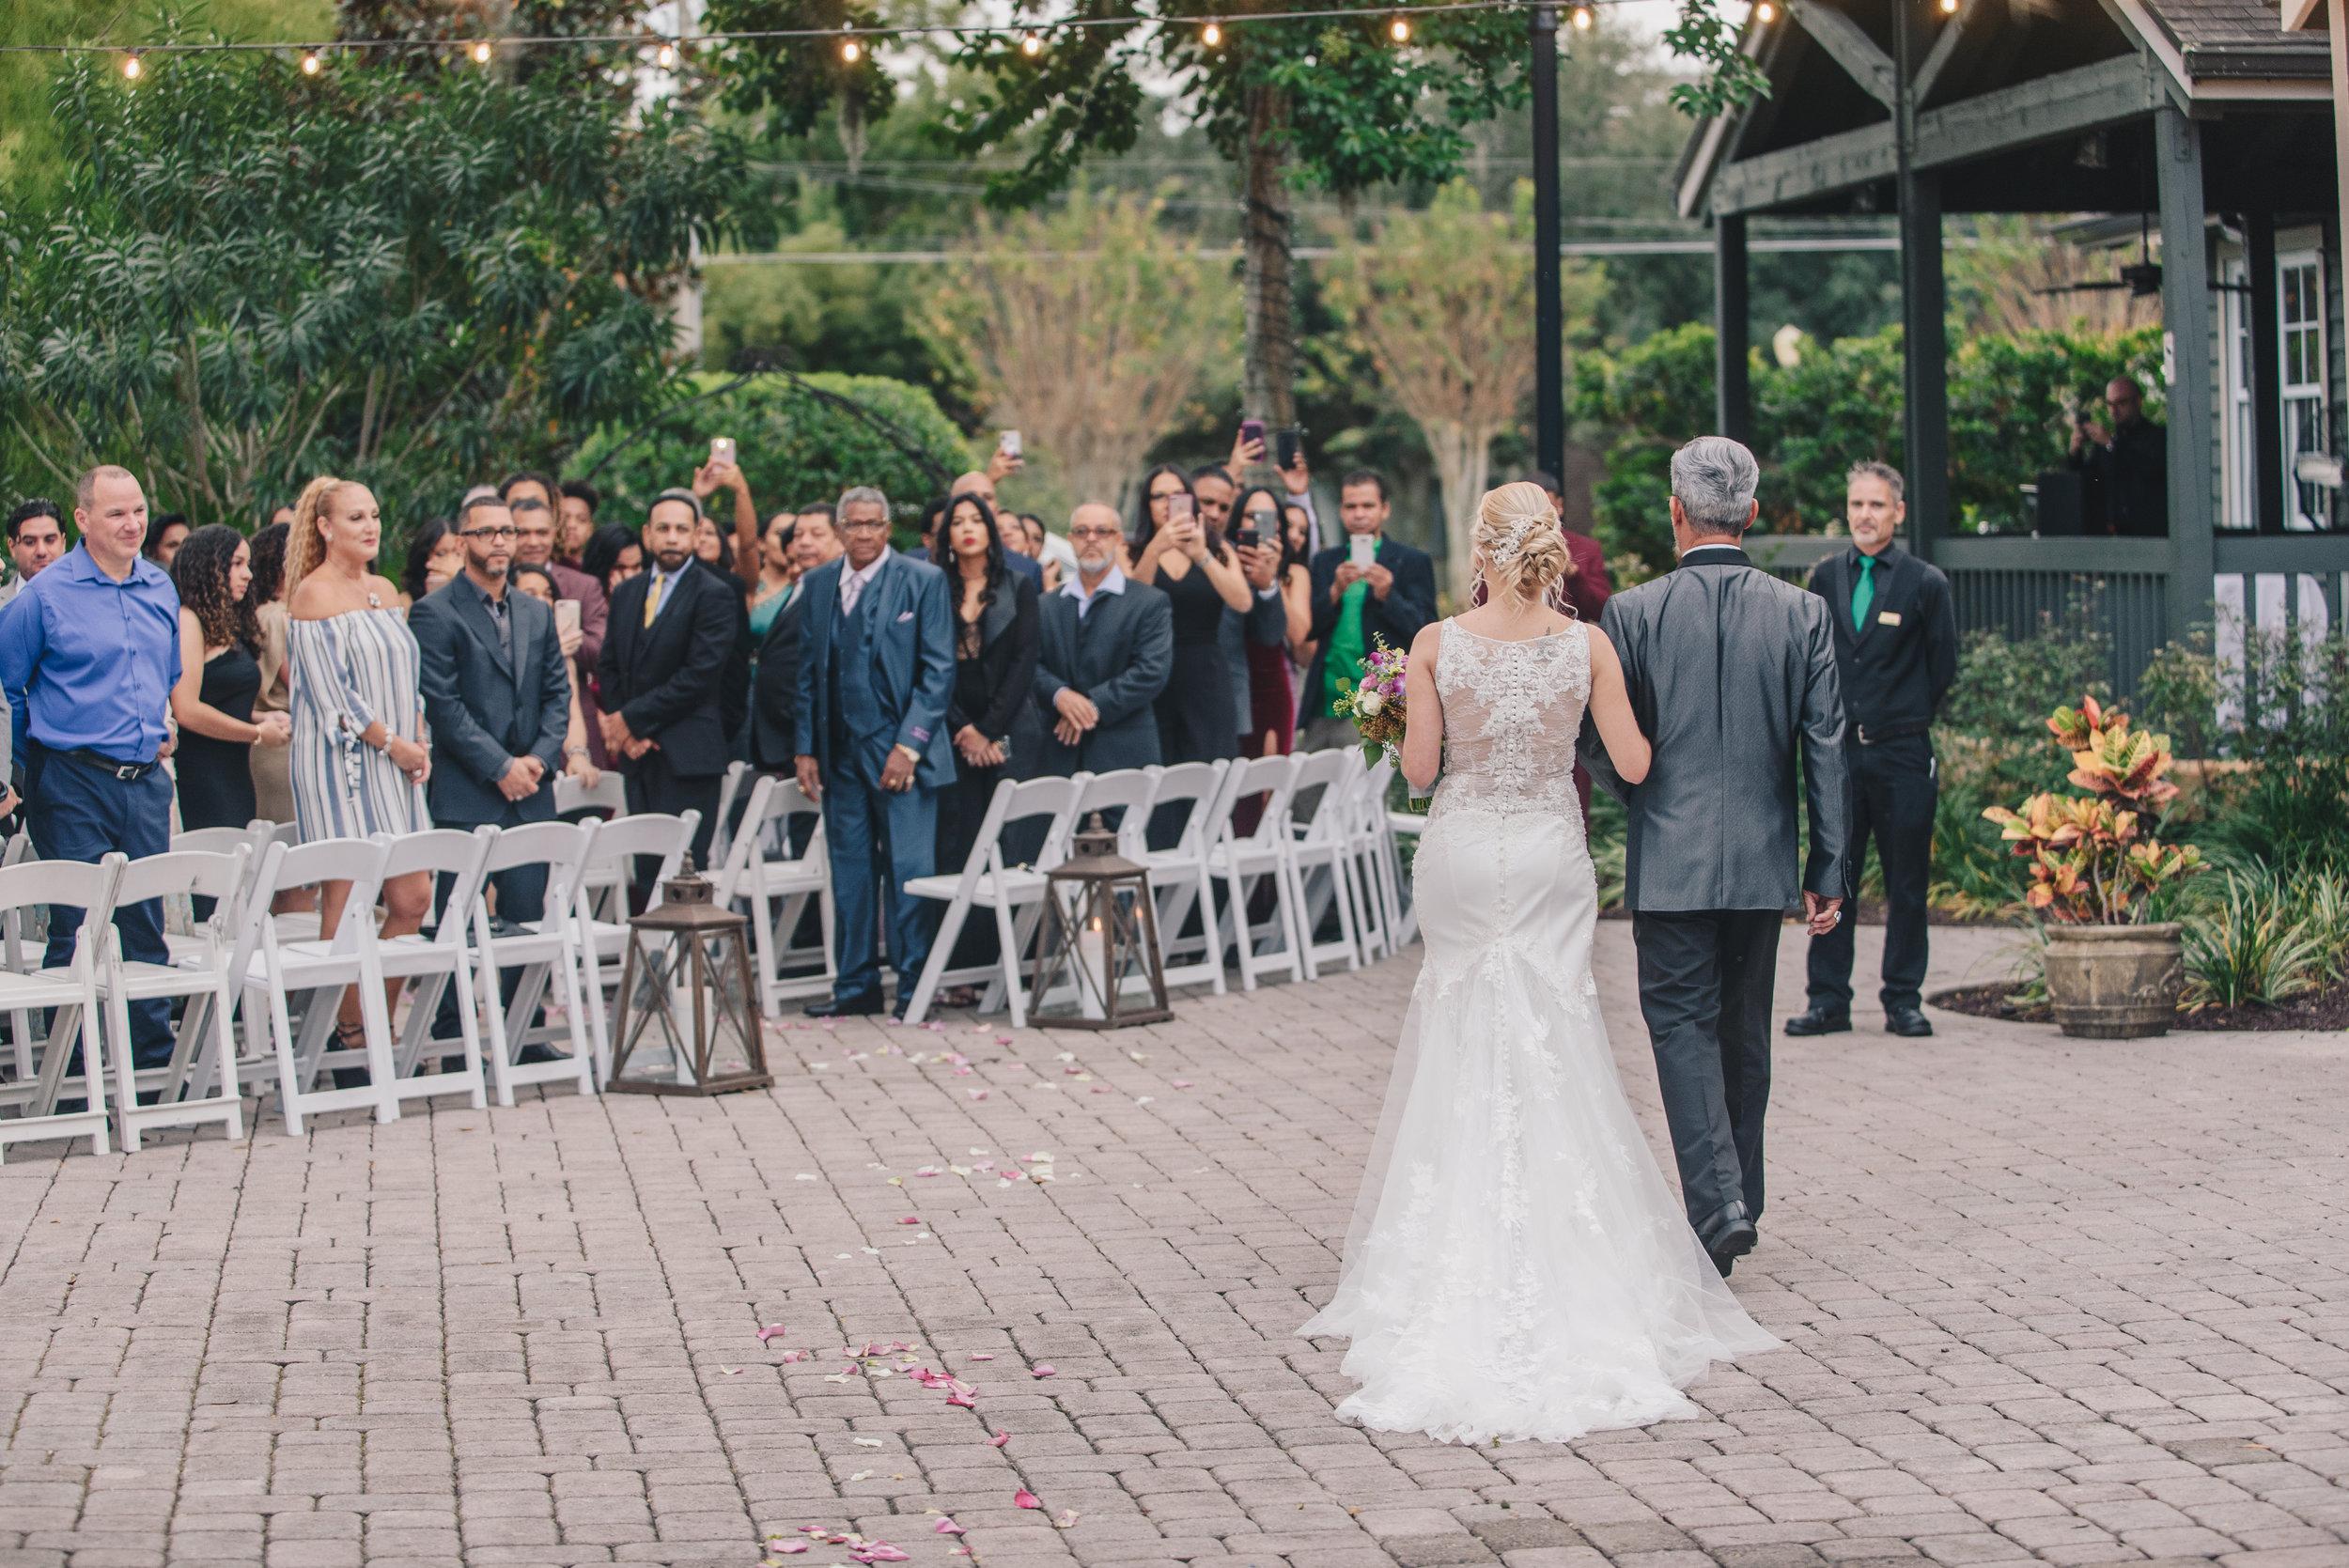 Los-Vargas-Photo-Wedding-Historic-Dubsdread-Ballroom-8152.jpg